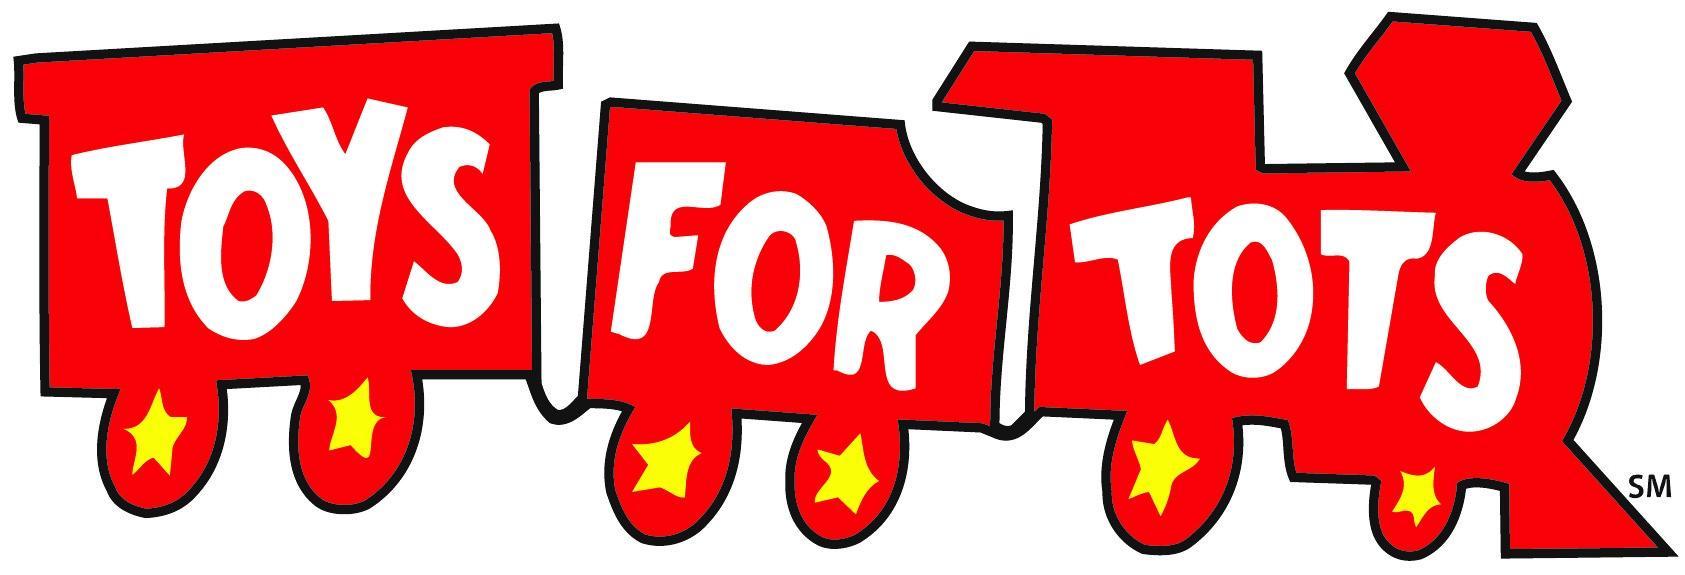 Toys For Tots Registration Form : Toys for tots registration